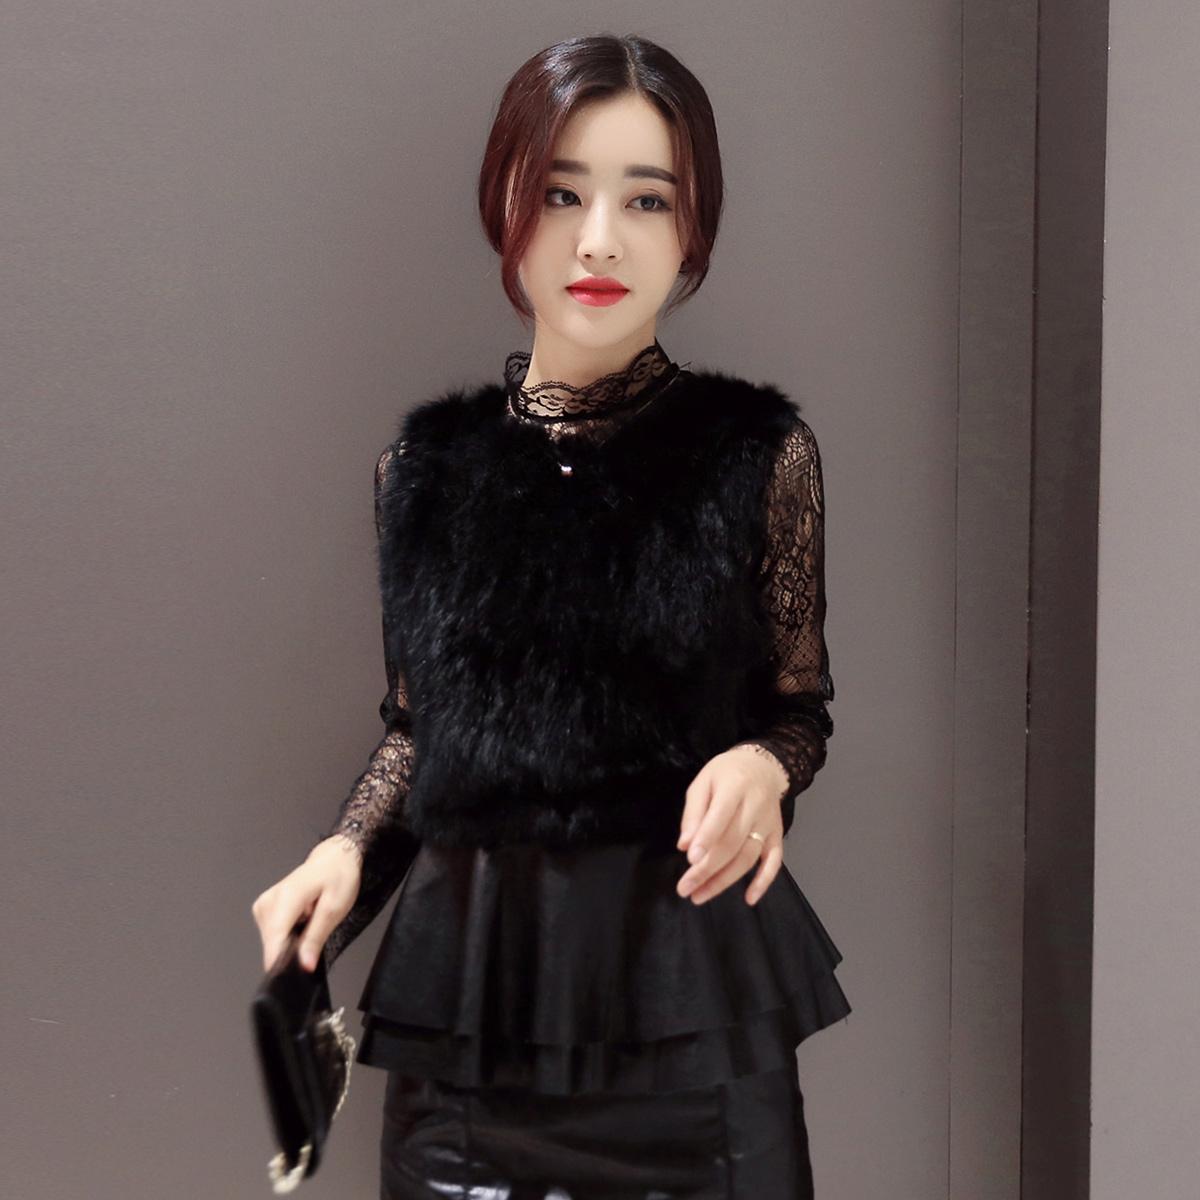 2017春装新款韩版时尚蕾丝马甲两件套显瘦压褶雪纺打底连衣裙套装